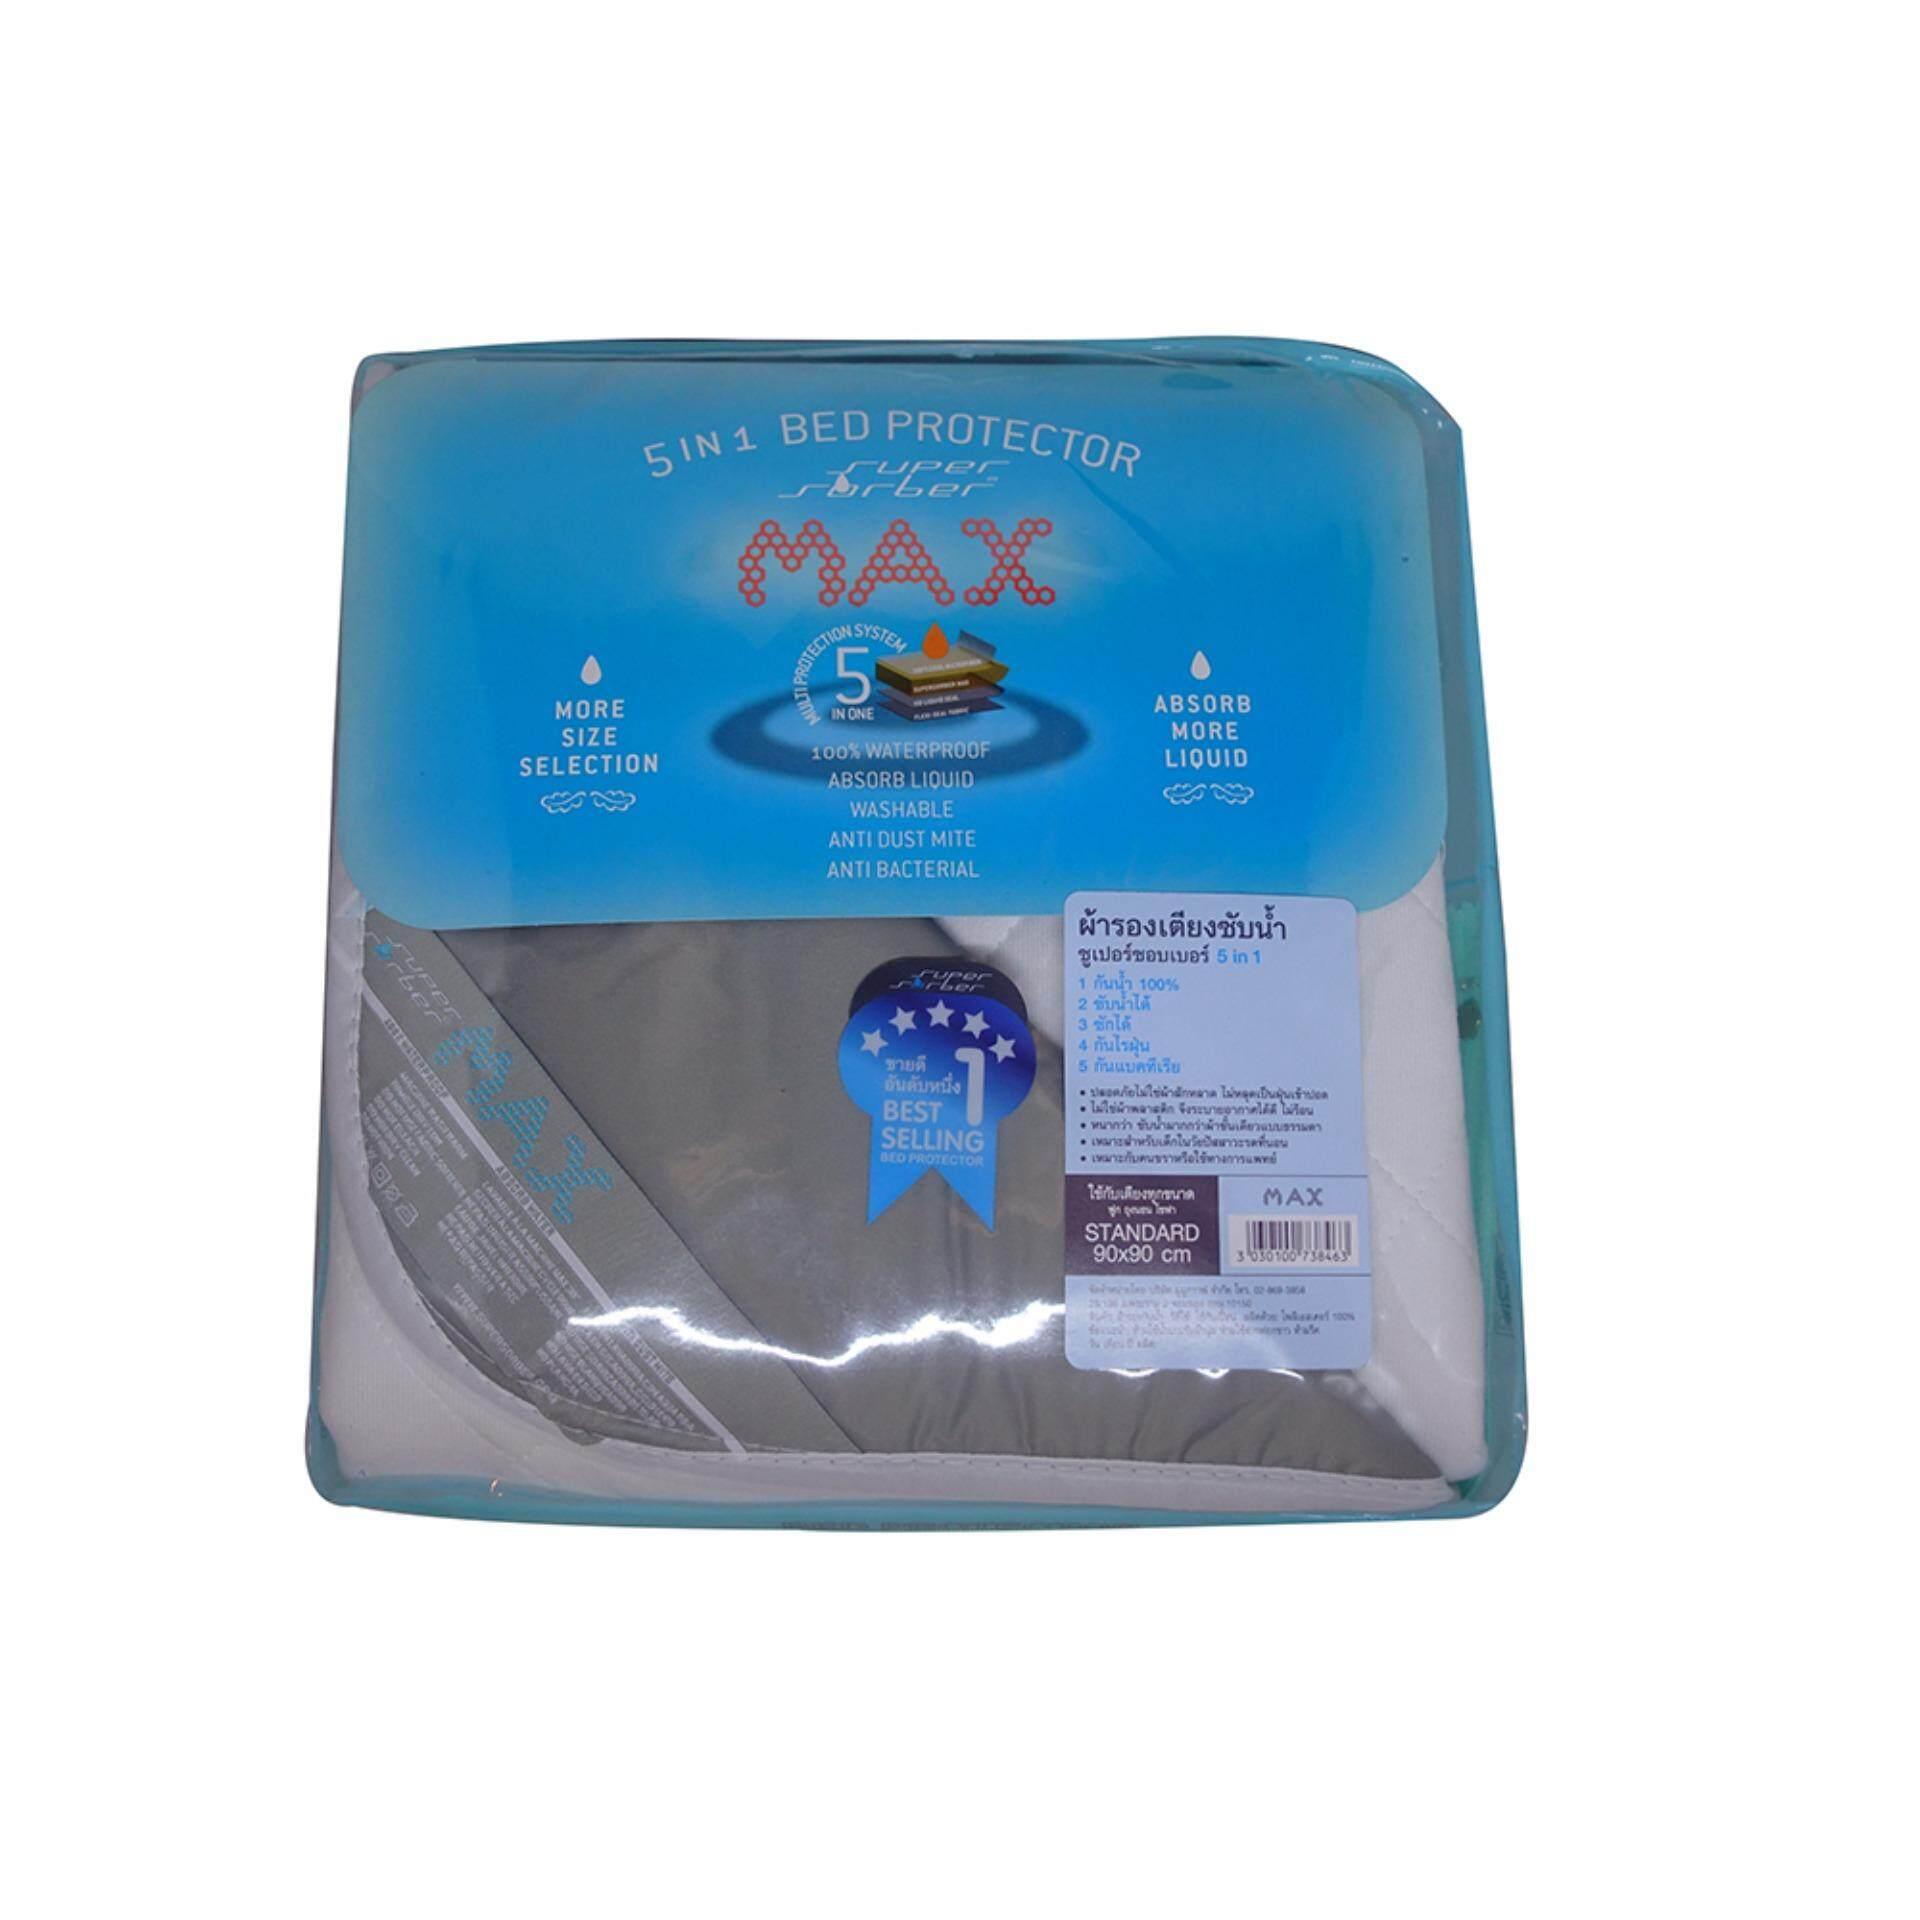 ราคา SUPER SORBER (ซูเปอร์ซอร์เบอ) Standard ผ้ารองเตียงซับน้ำ 90*90 ซม.